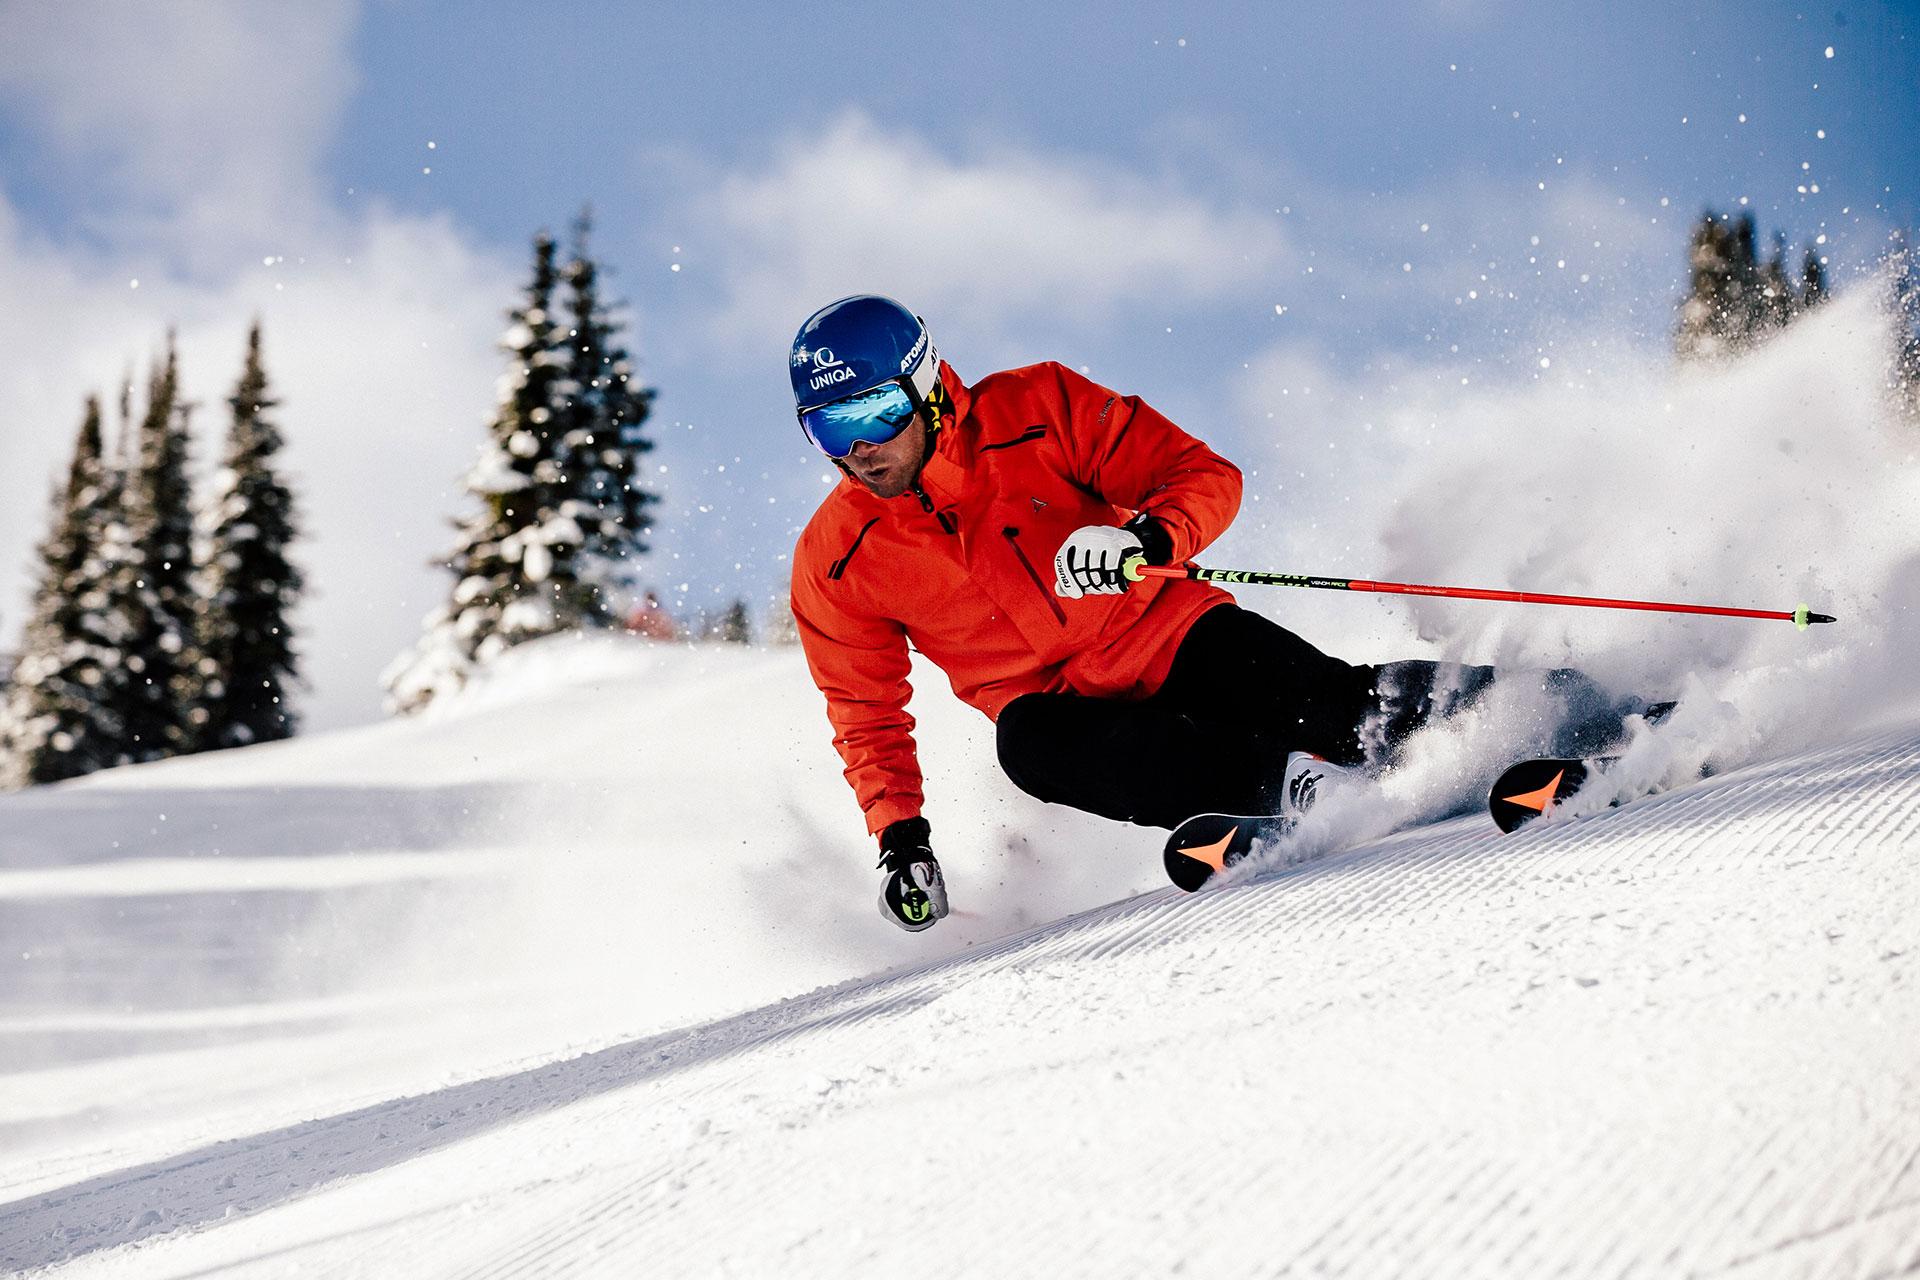 Fotograf Ski Alpin Benni Raich Fotoproduktion Piste Österreich Wien